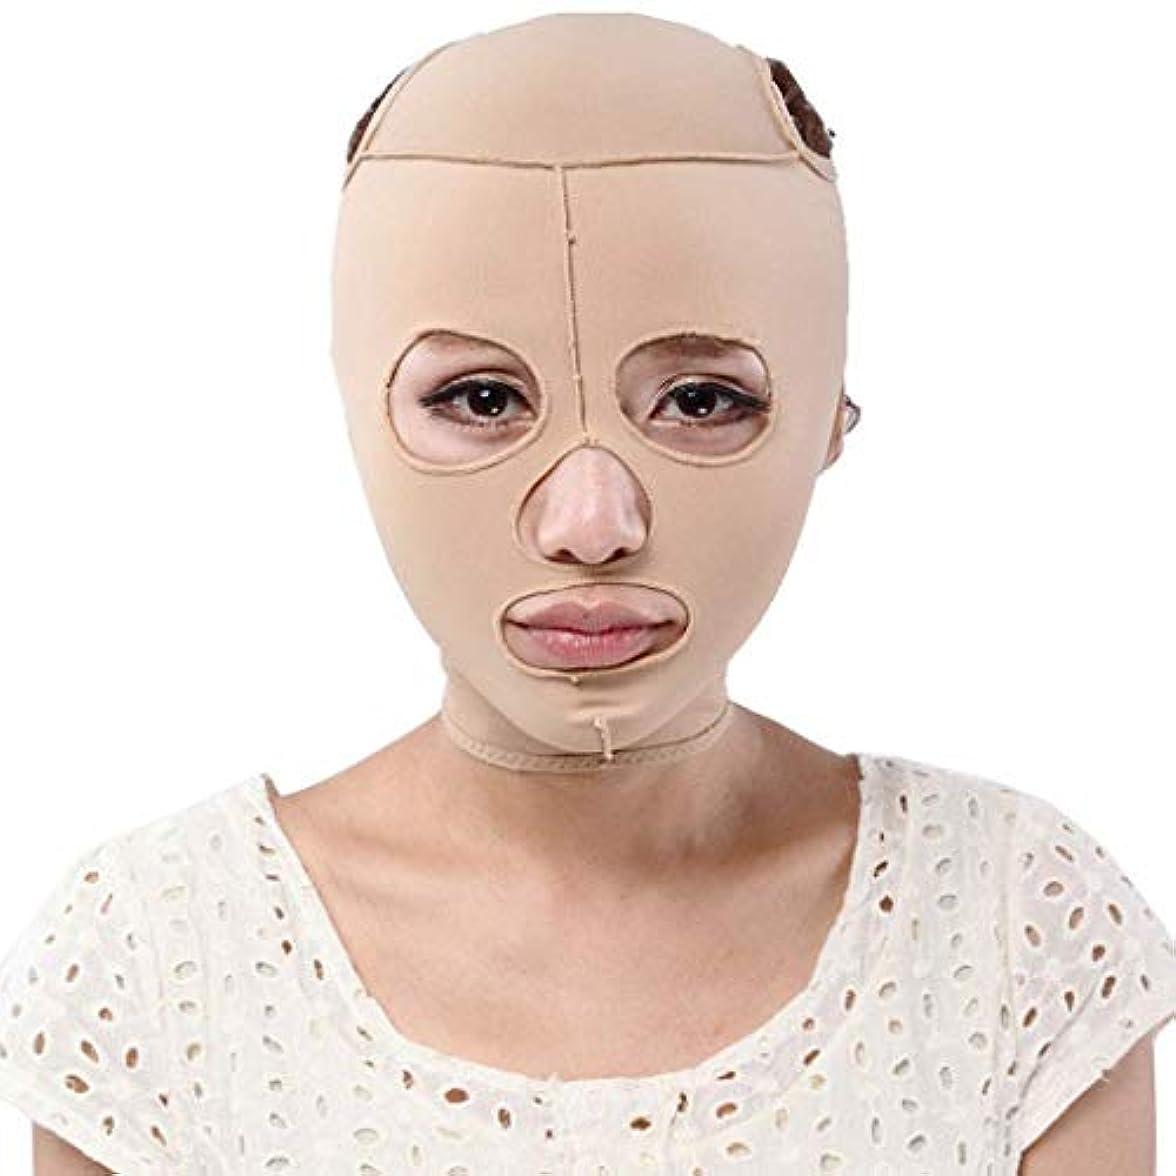 アルカトラズ島ニックネーム悪いフェイシャルスリミングマスク、フェイスリフティング包帯Vフェイスリフティングおよびリフティング/チンブラッシュスリムボディリダクションダブルチン減量包帯通気性、肌(XL) (S)